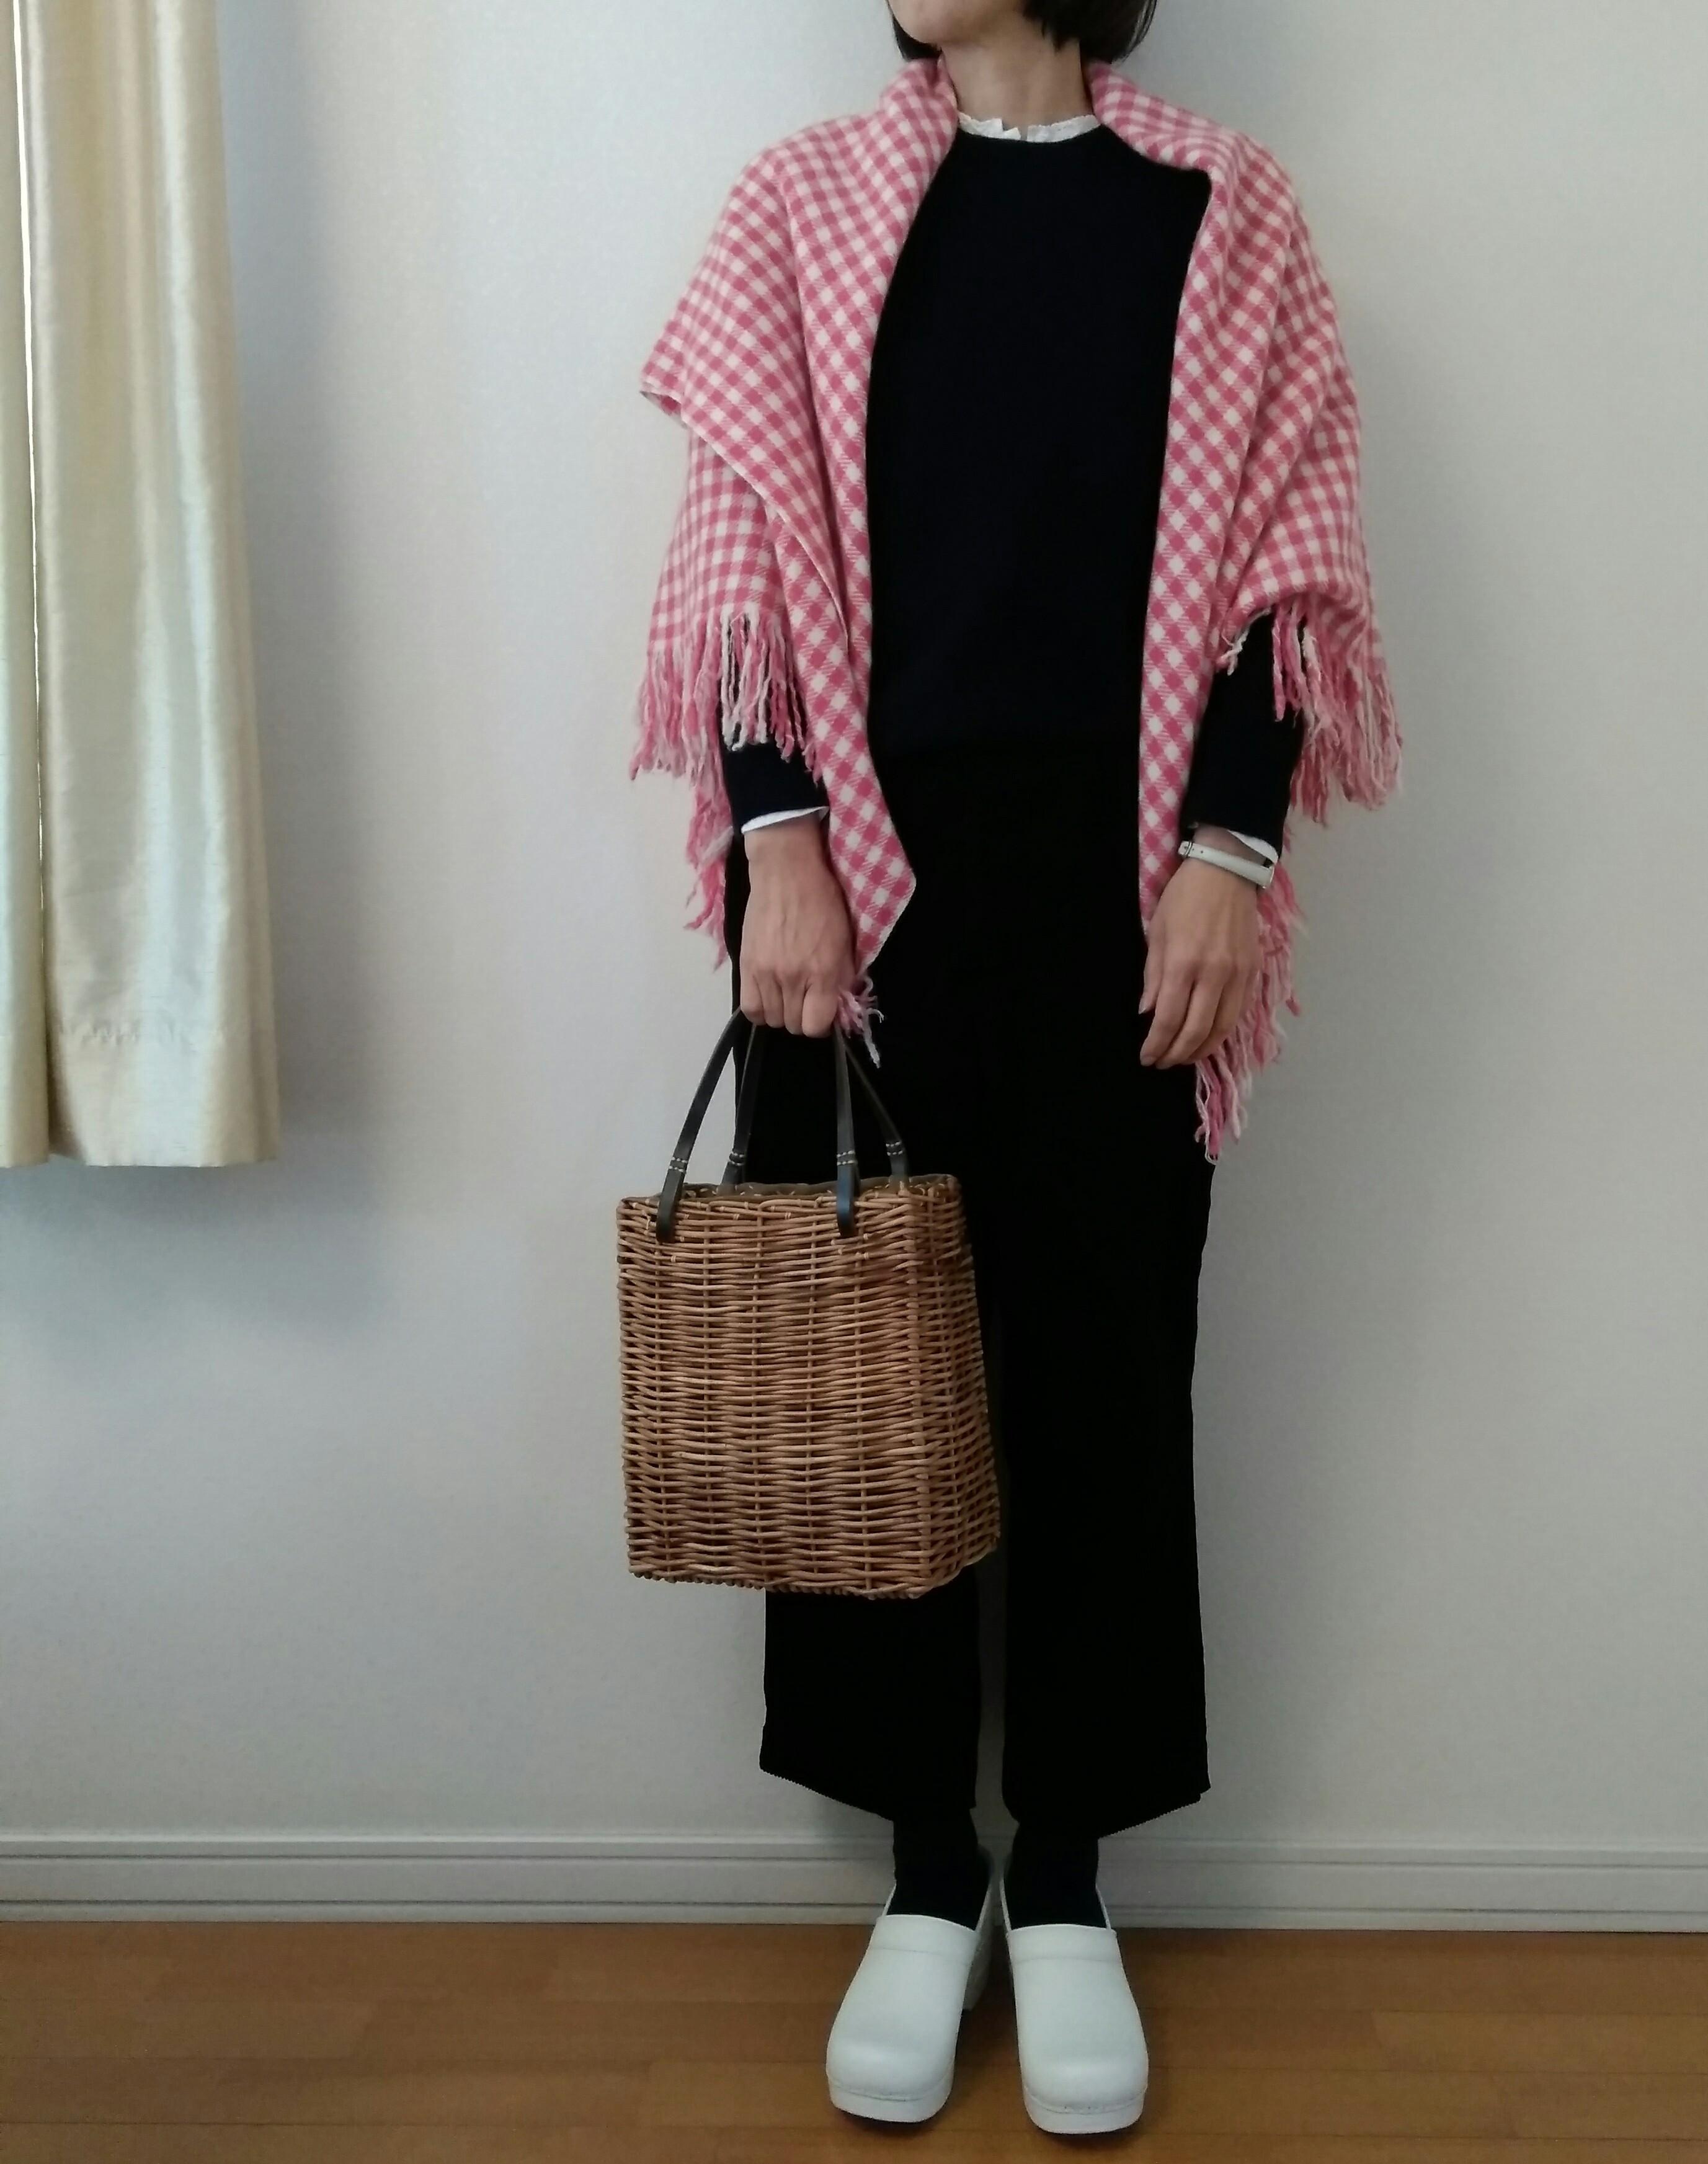 186df4fdb048 新着記事一覧   YASUKOのお気に入り - 楽天ブログ